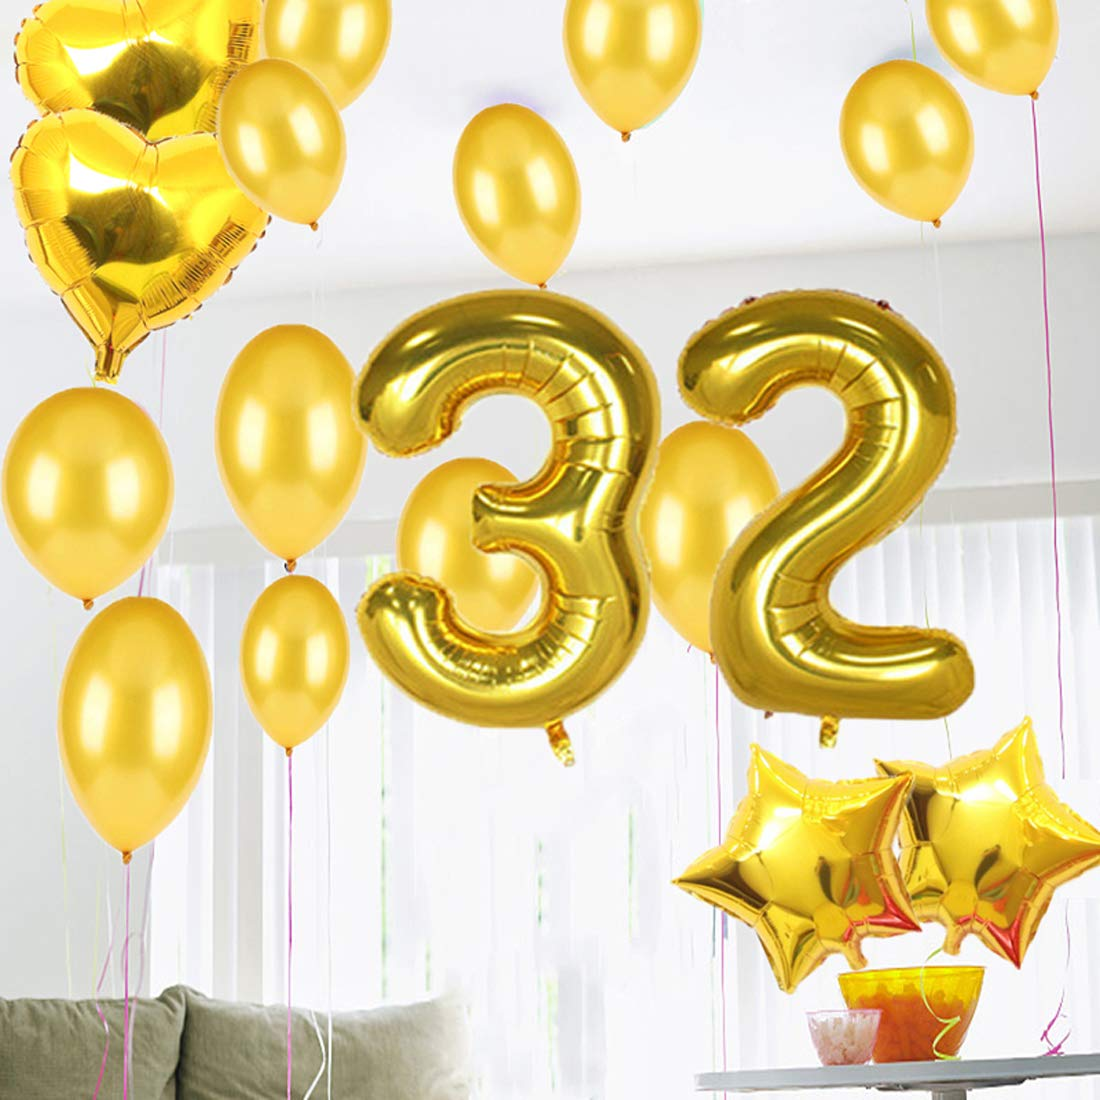 Amazon.com: Suministros para fiestas de cumpleaños de 32 ...